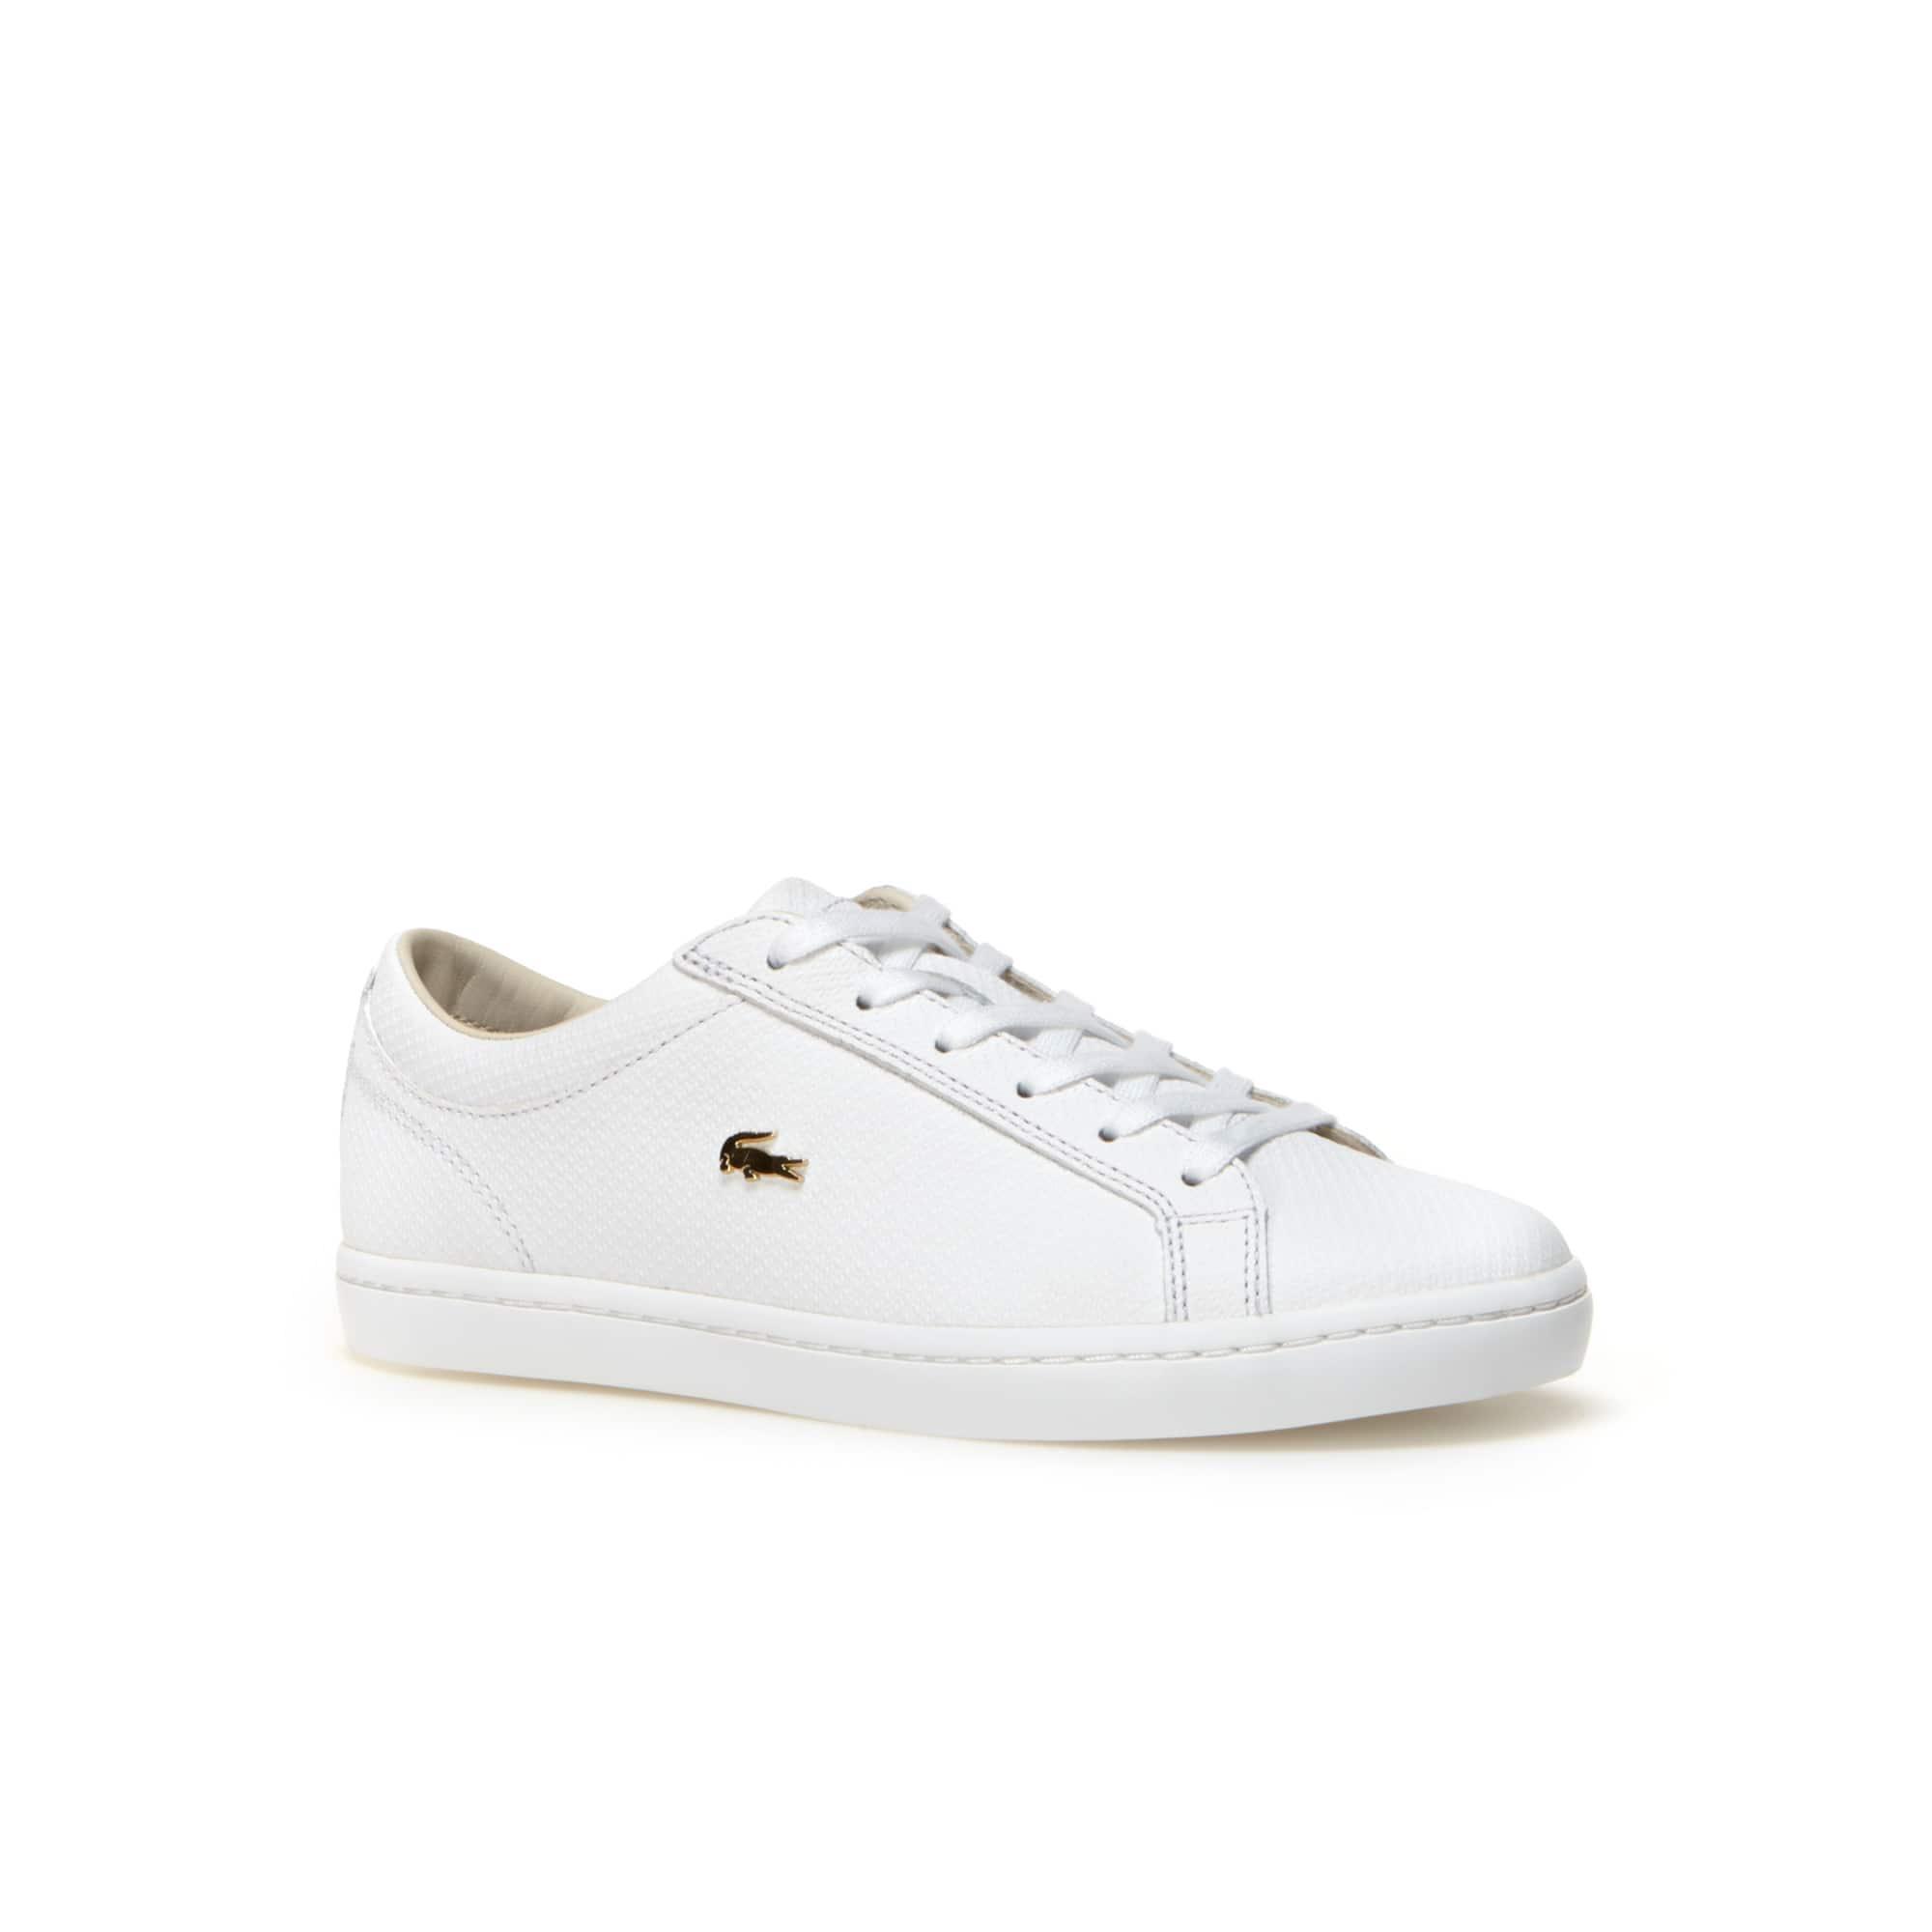 snickers scarpe donna  Scarpe Lacoste da donna: sneaker, stivali, da città| LACOSTE